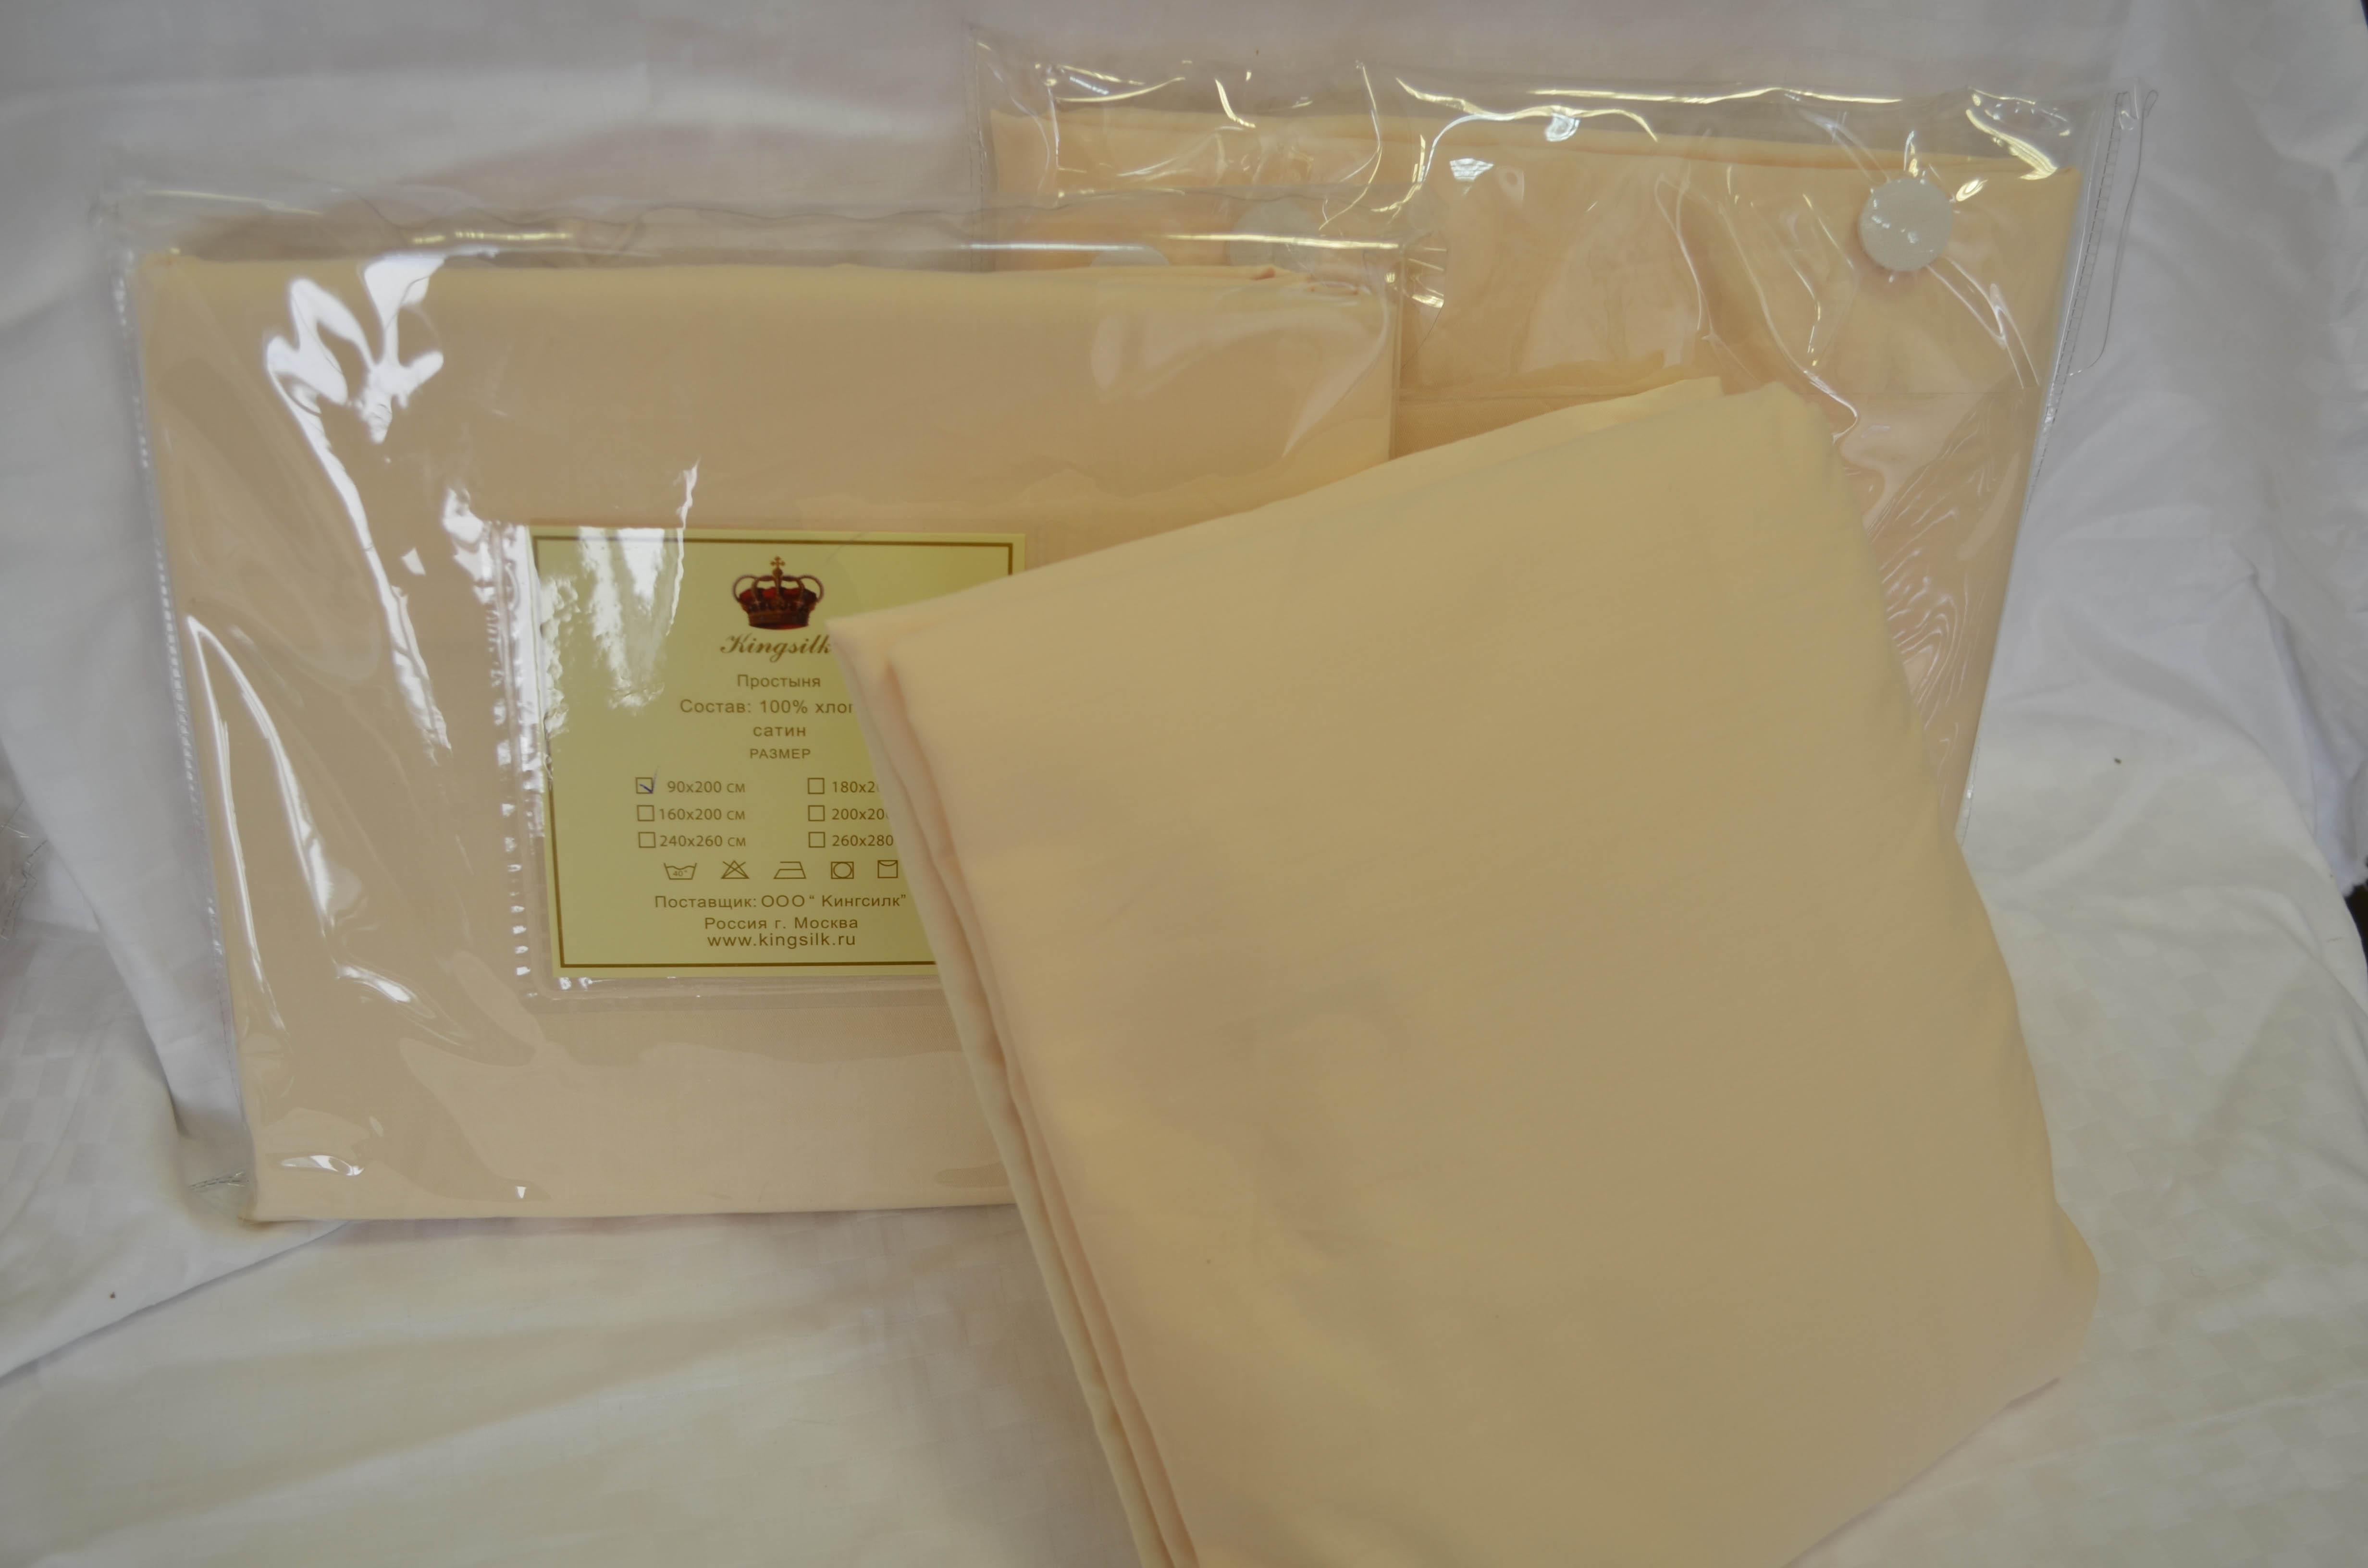 Простыни на резинке KingSilkПростыни на резинке<br>Производитель: KingSilk<br>Страна производства: Китай<br>Материал: Хлопковый сатин<br>Состав: 100% хлопок<br>Размер простыни: 160х200 см<br>Высота бортика: 30 см<br>Упаковка: Полиэтиленовый пакет<br><br>Тип: простыня<br>Размерность комплекта: None<br>Материал: Хлопковый сатин<br>Размер наволочки: None<br>Подарочная упаковка: None<br>Для детей: нет<br>Ткань: Хлопковый сатин<br>Цвет: Кремовый